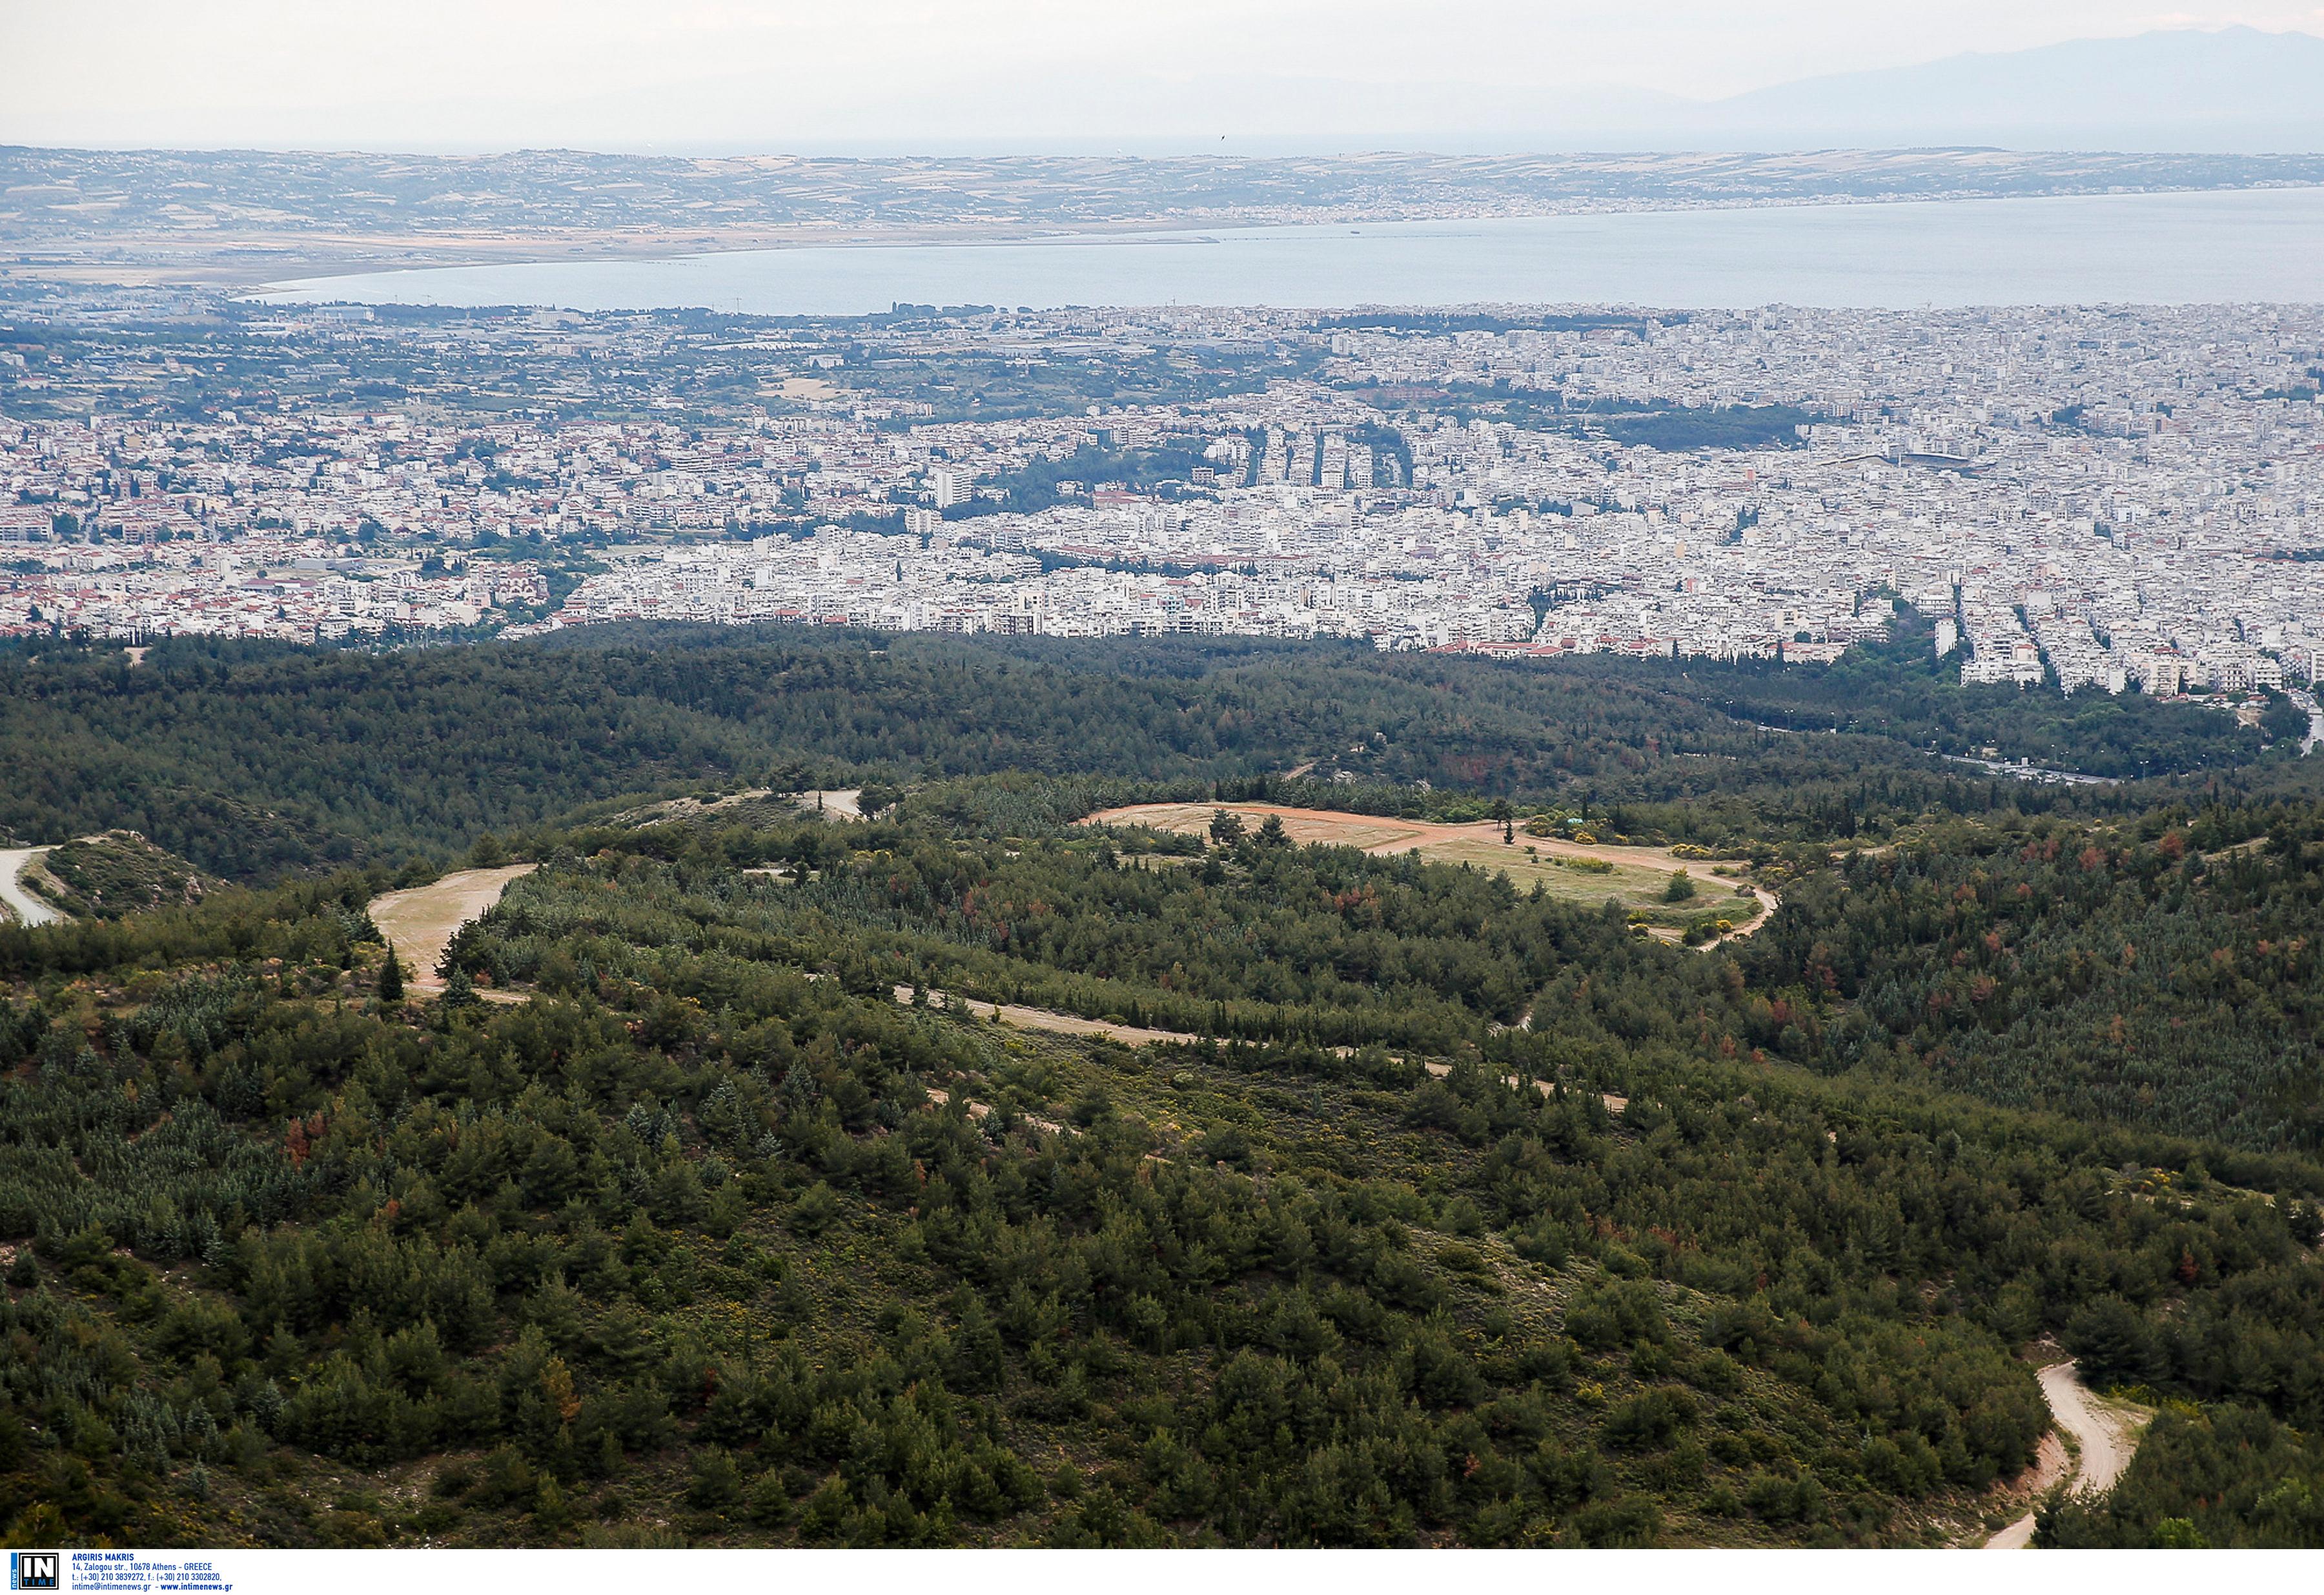 Θεσσαλονίκη: Προβλήματα στην επιχείρηση διάσωσης του Σέιχ Σου! Οι κινήσεις αγνώστων στο σκοτάδι